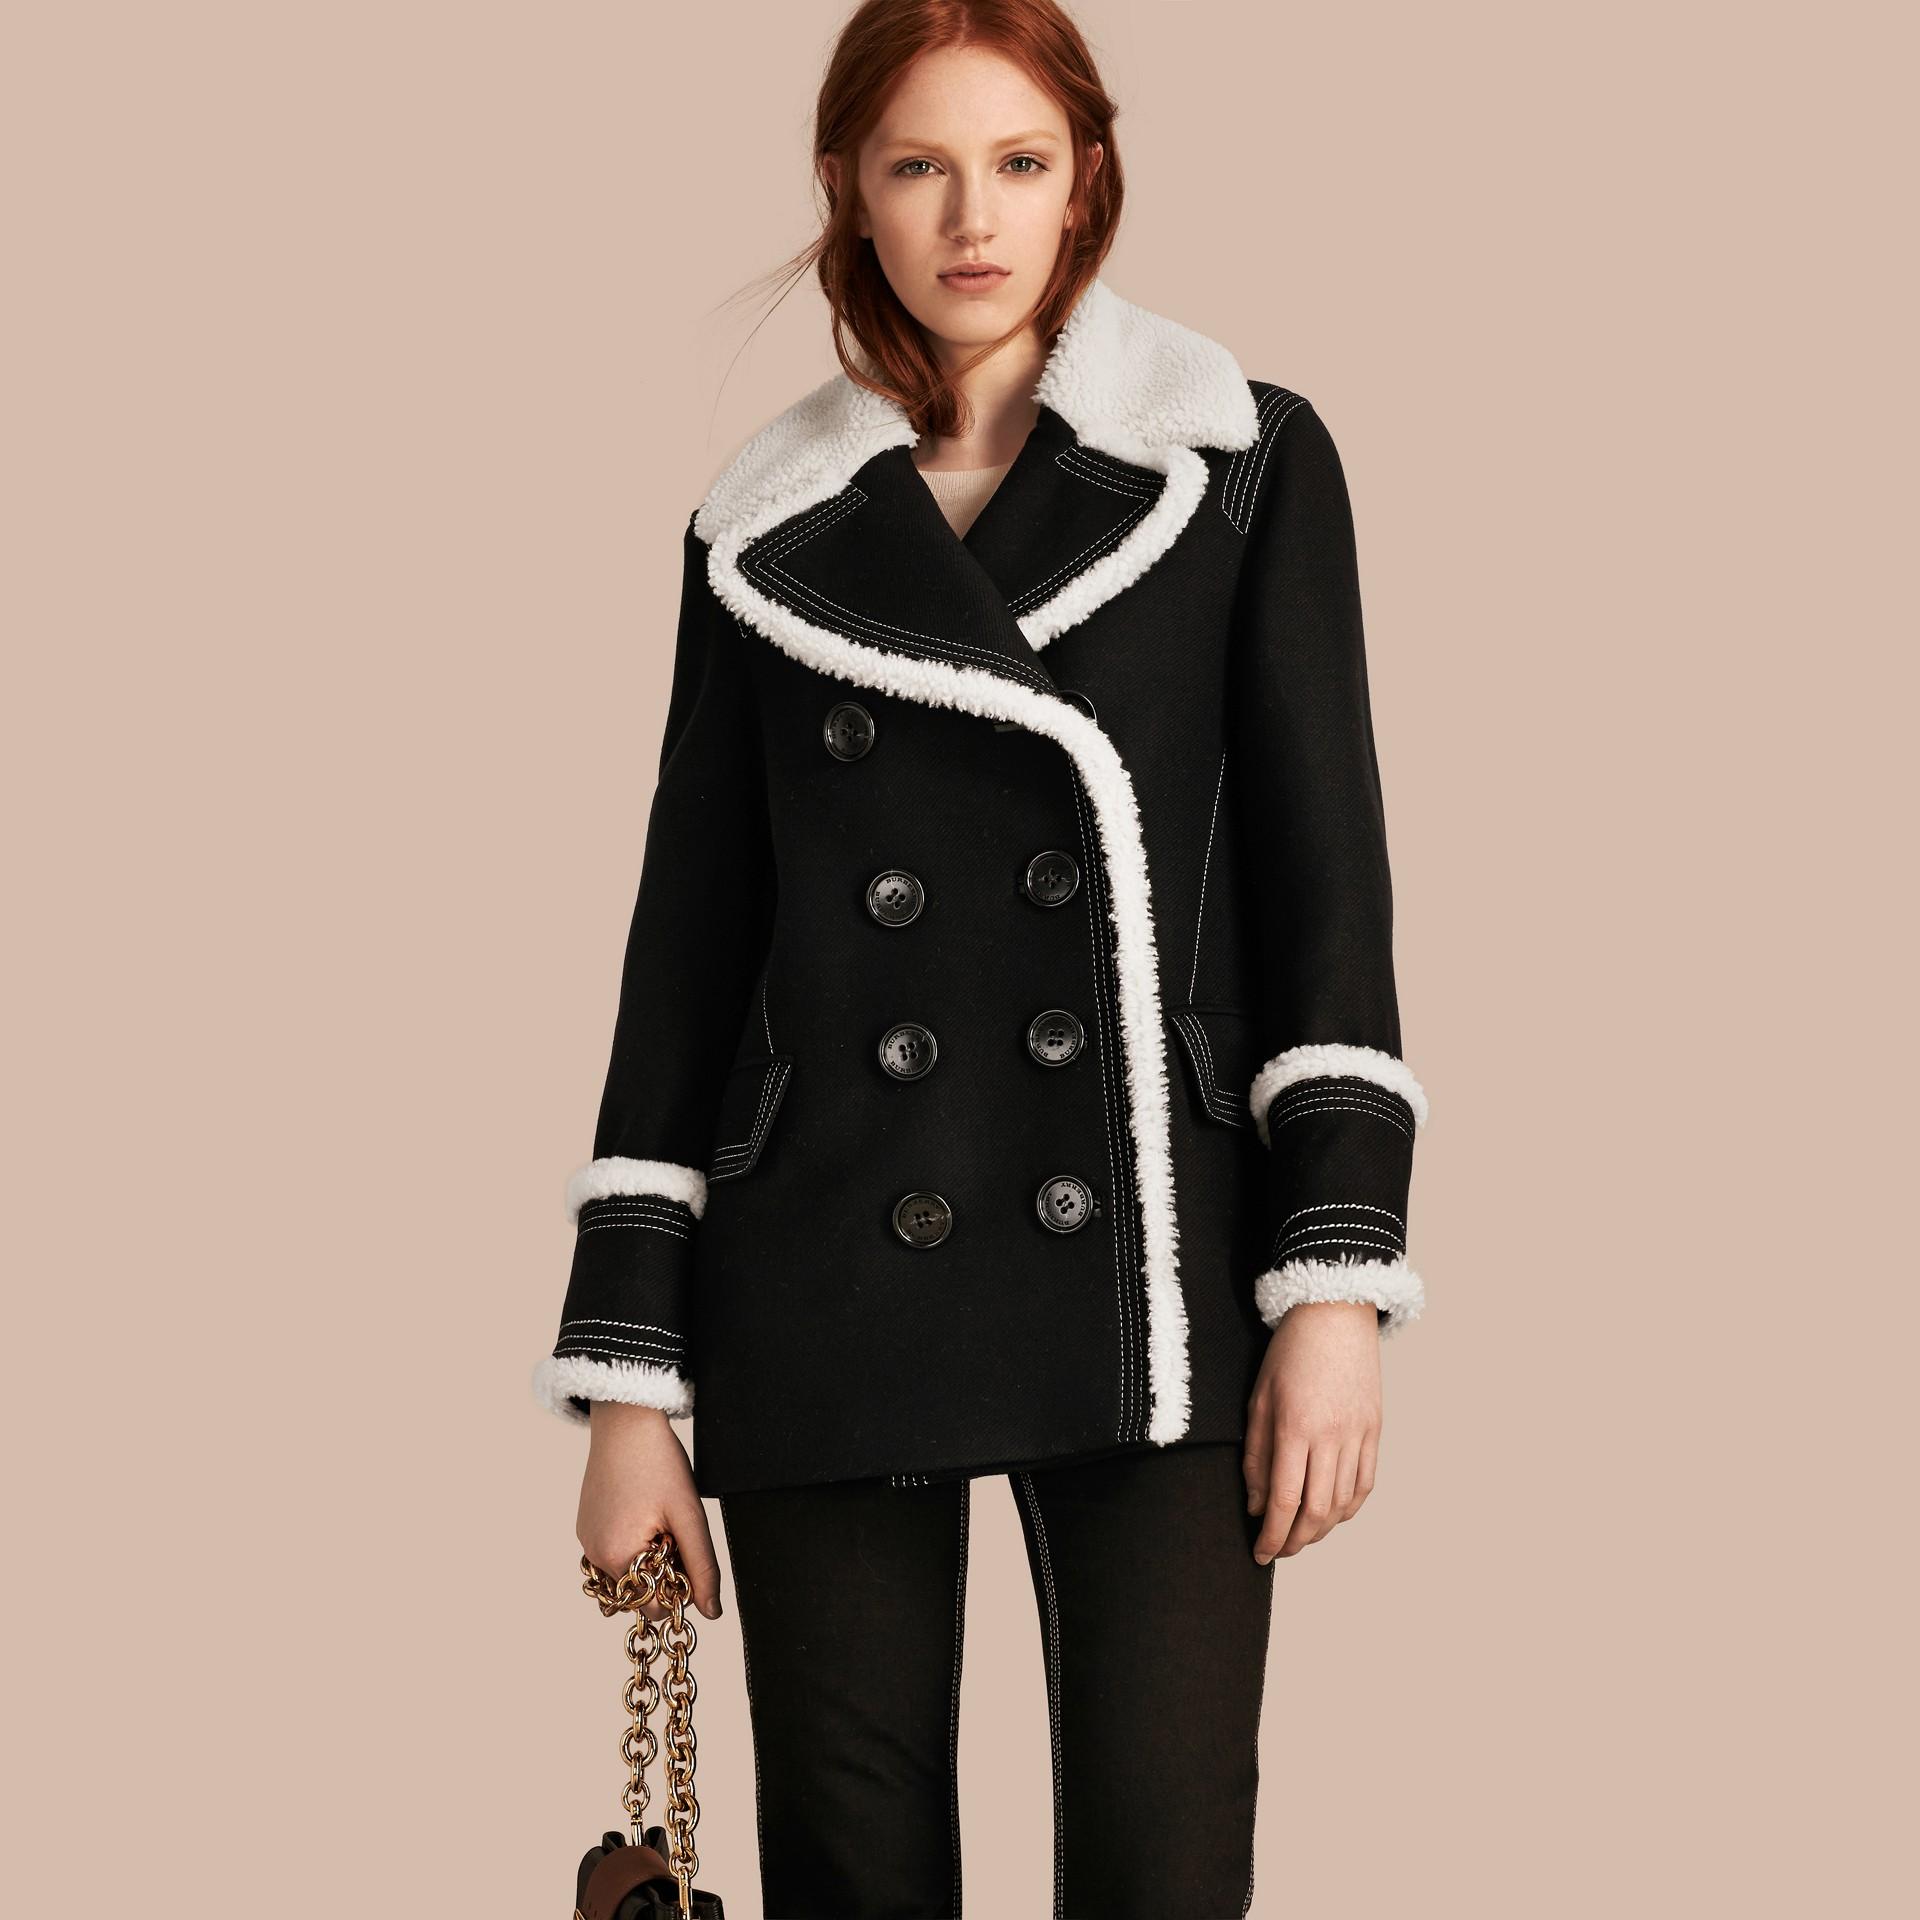 Nero Pea coat in misto lana e cashmere con finiture in shearling - immagine della galleria 7